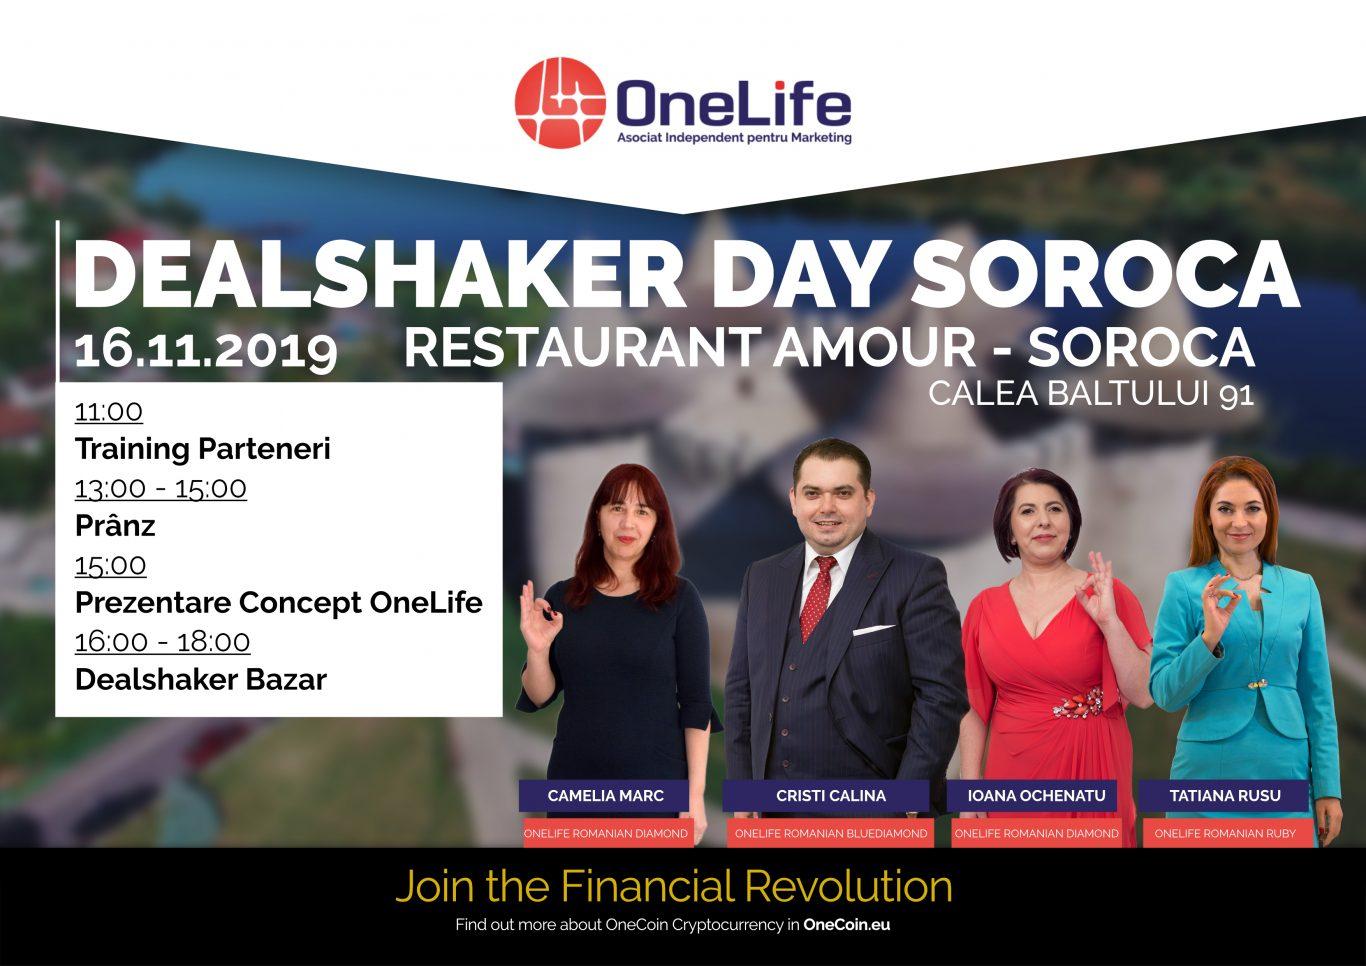 dealshaker day soroca OneLife Business Tour Moldova. Sute de comercianți, așteptați la DealShaker Day Soroca Banner Soroca